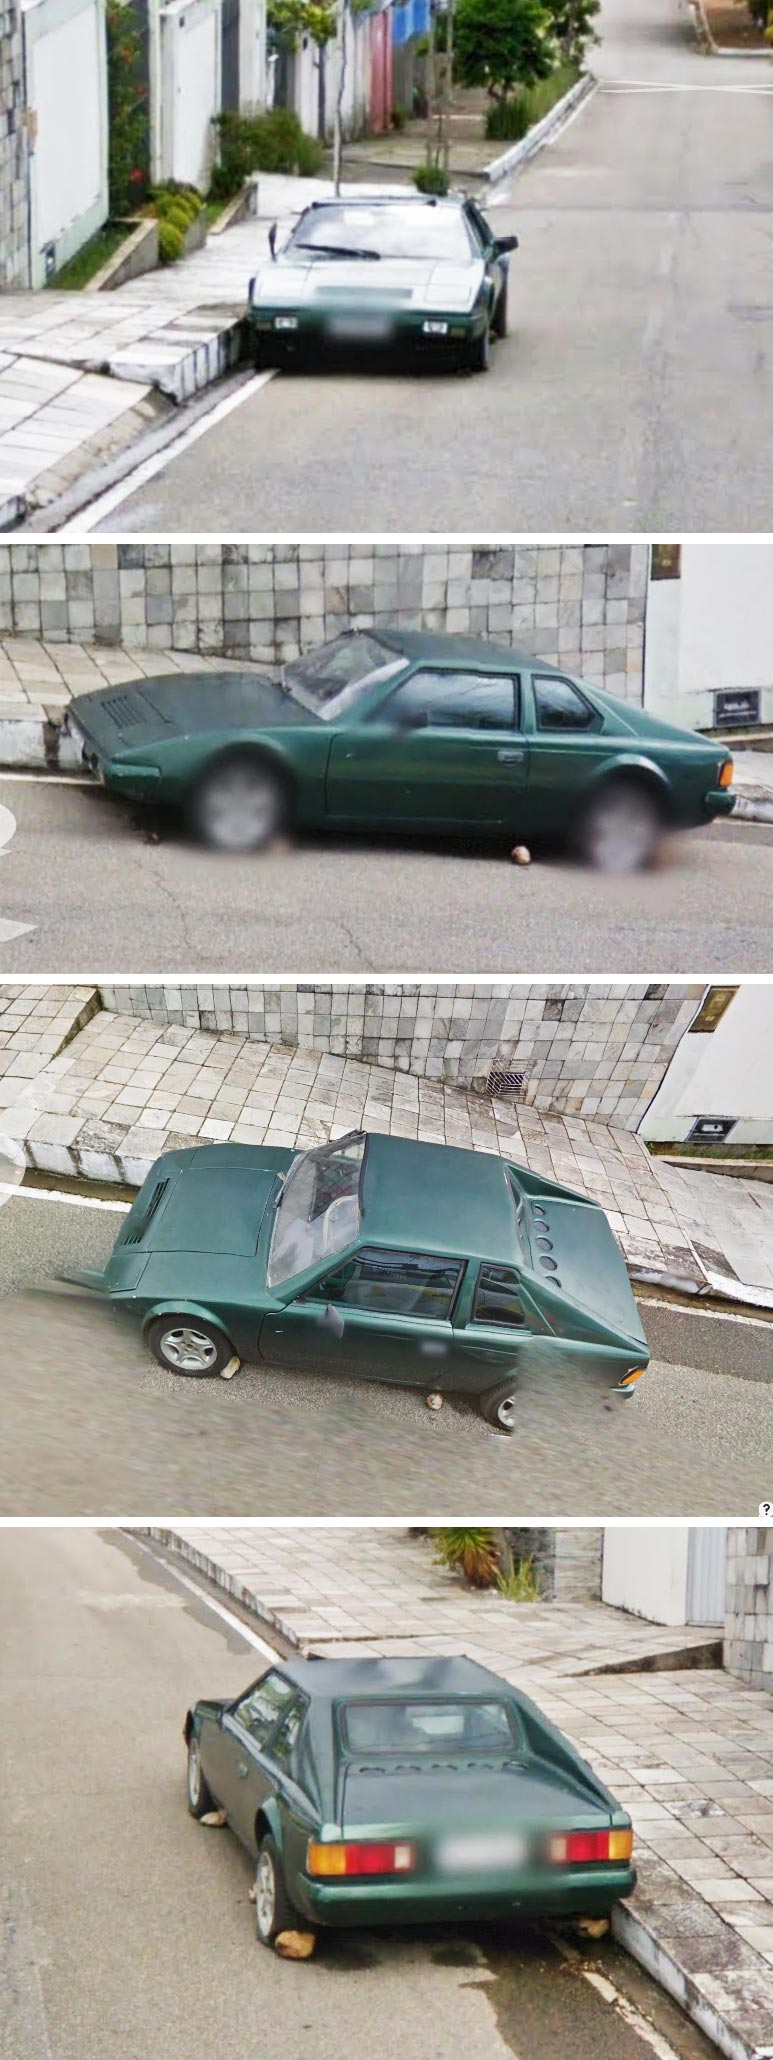 curiozzzo.com-6-carros-abandonados-natal-miura-verde